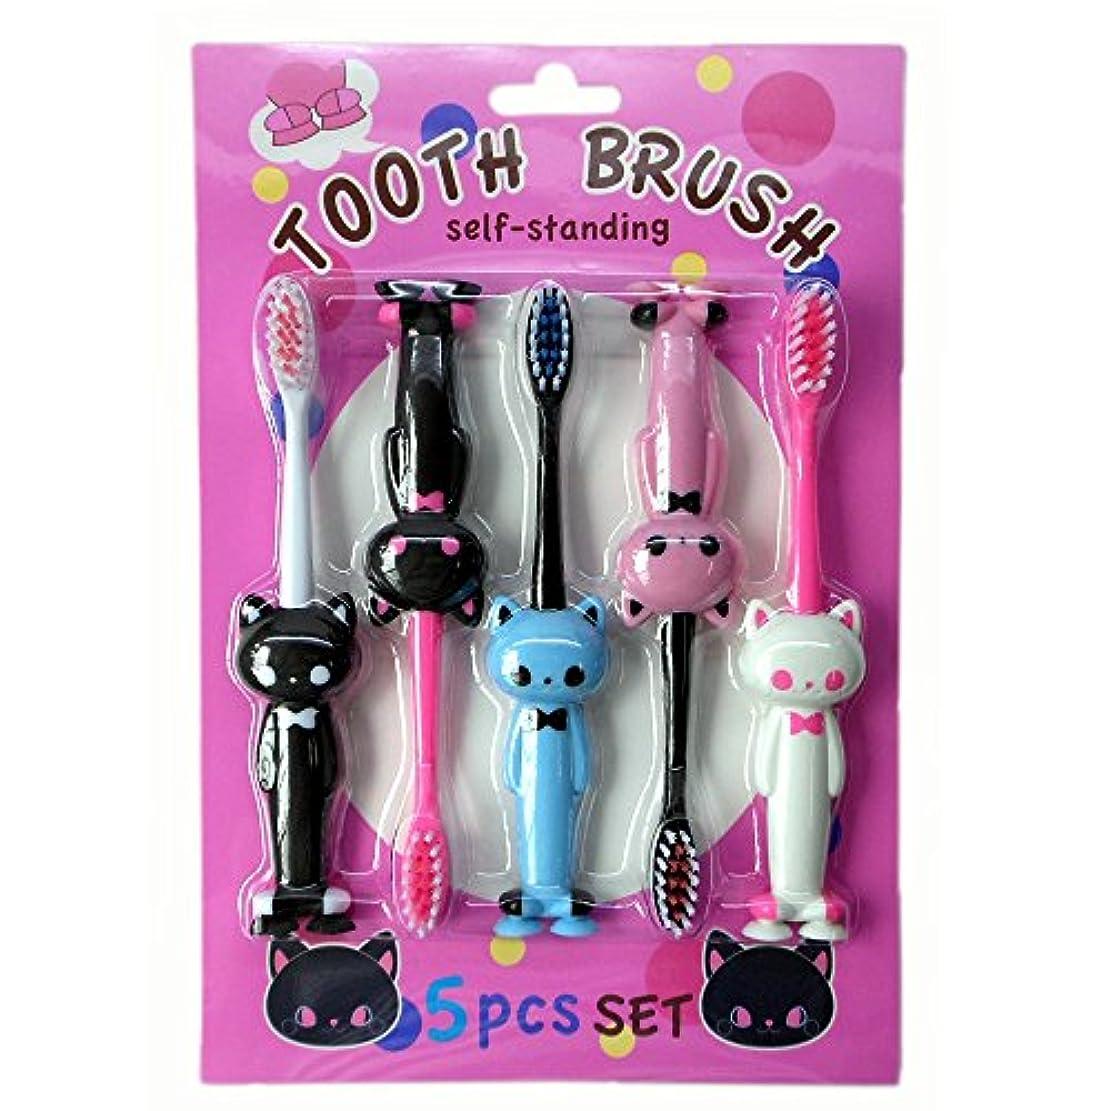 性別ドロップ説得力のある25453 /Y's TRADING/アニマル歯ブラシ5Pセット(ネコ)/動物/洗面所/エチケット/歯磨き/子供/ギフト/プレゼント